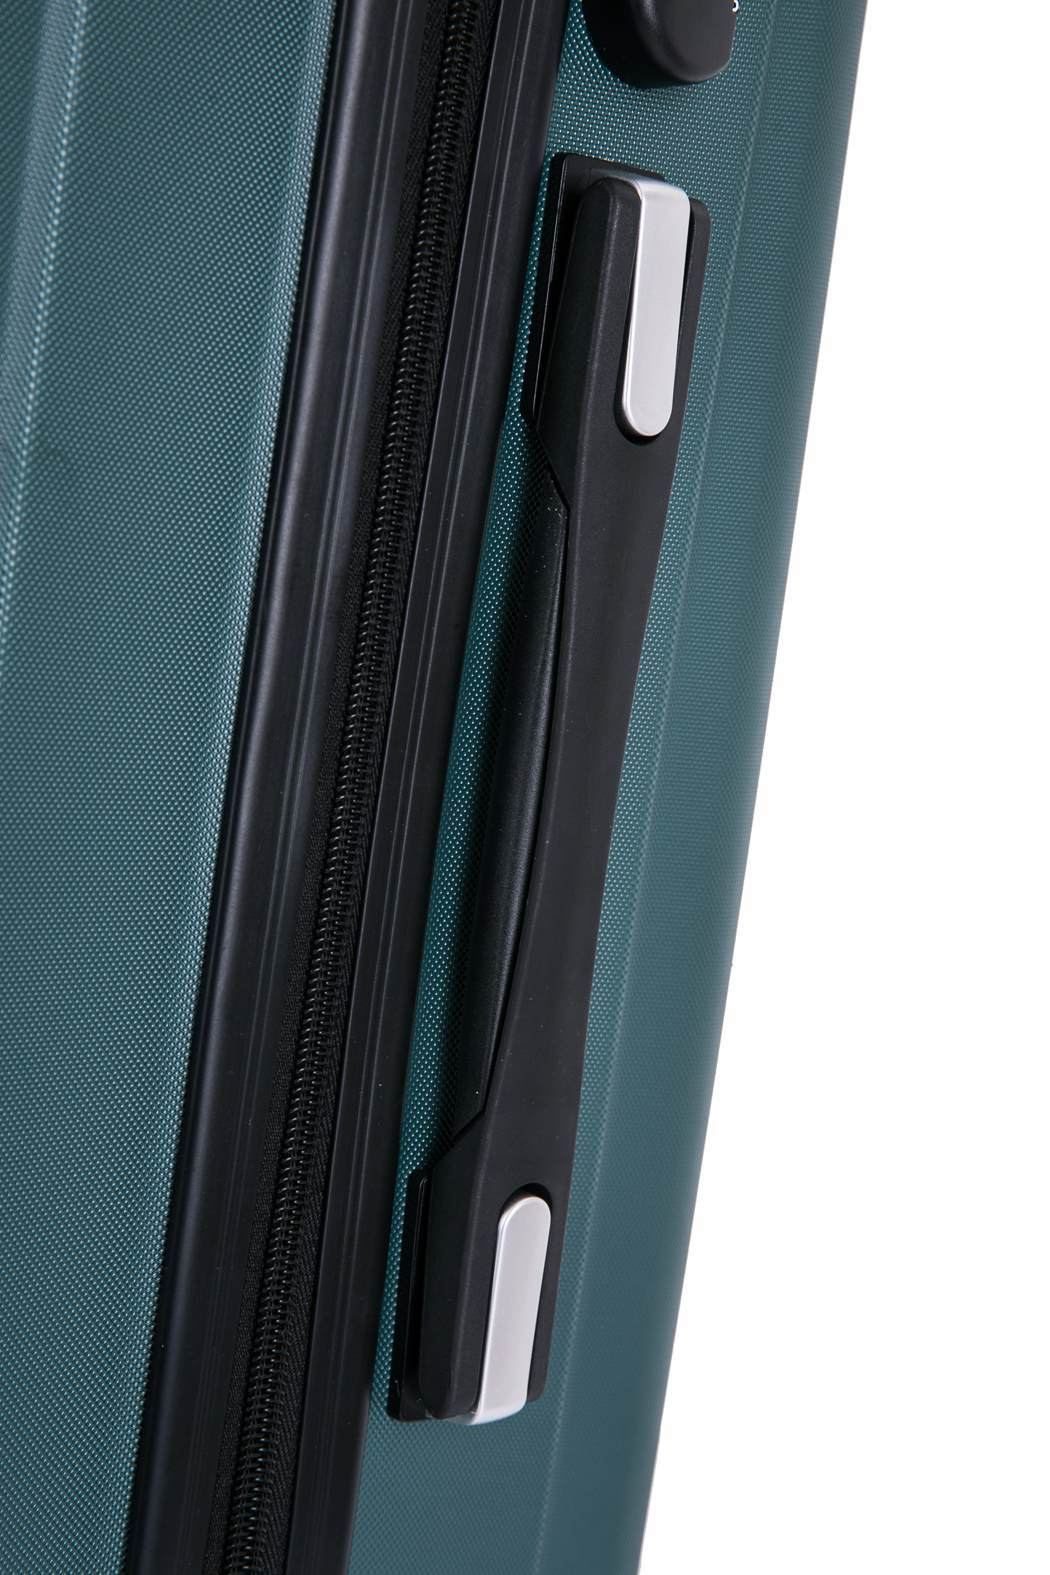 Чемодан со съемными колесами L'case Bangkok-18 Темно-зеленый ручная кладь (S)